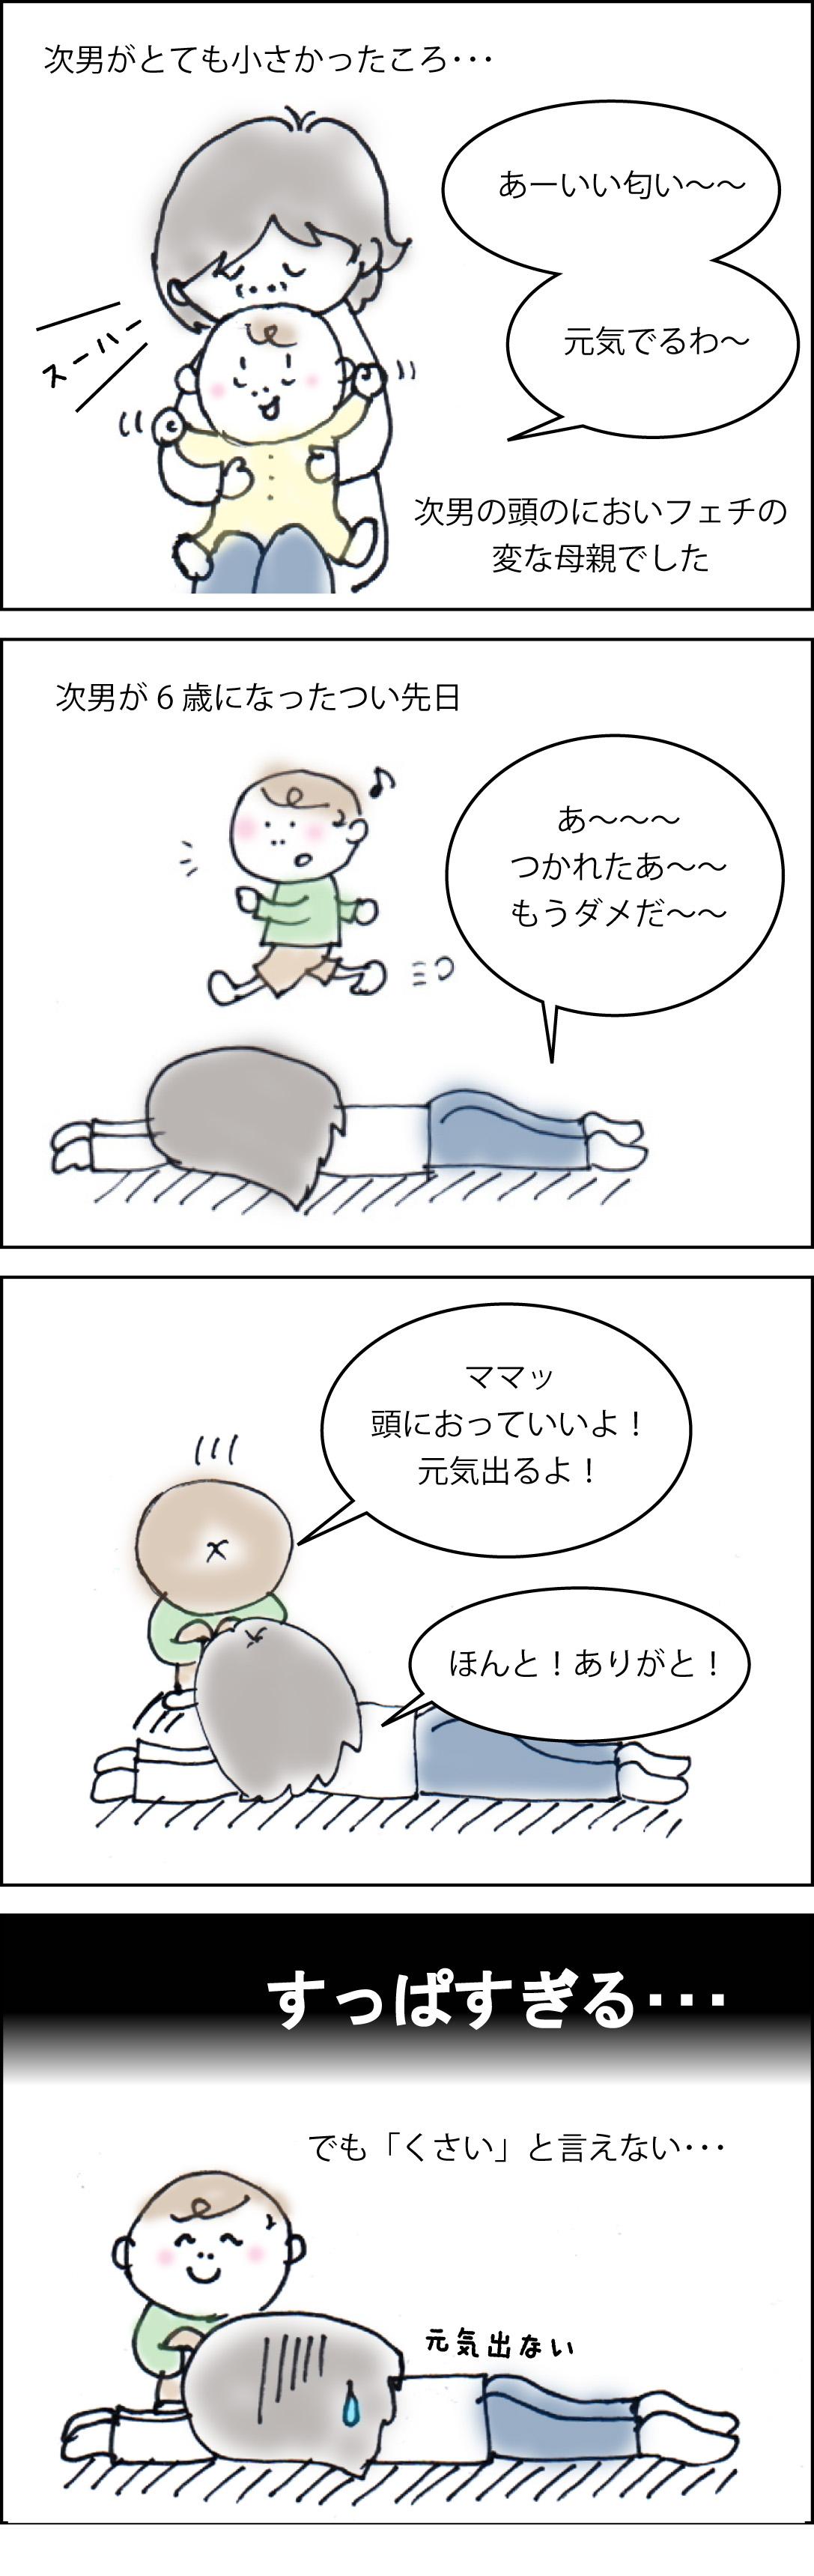 臭い 赤ちゃん 頭